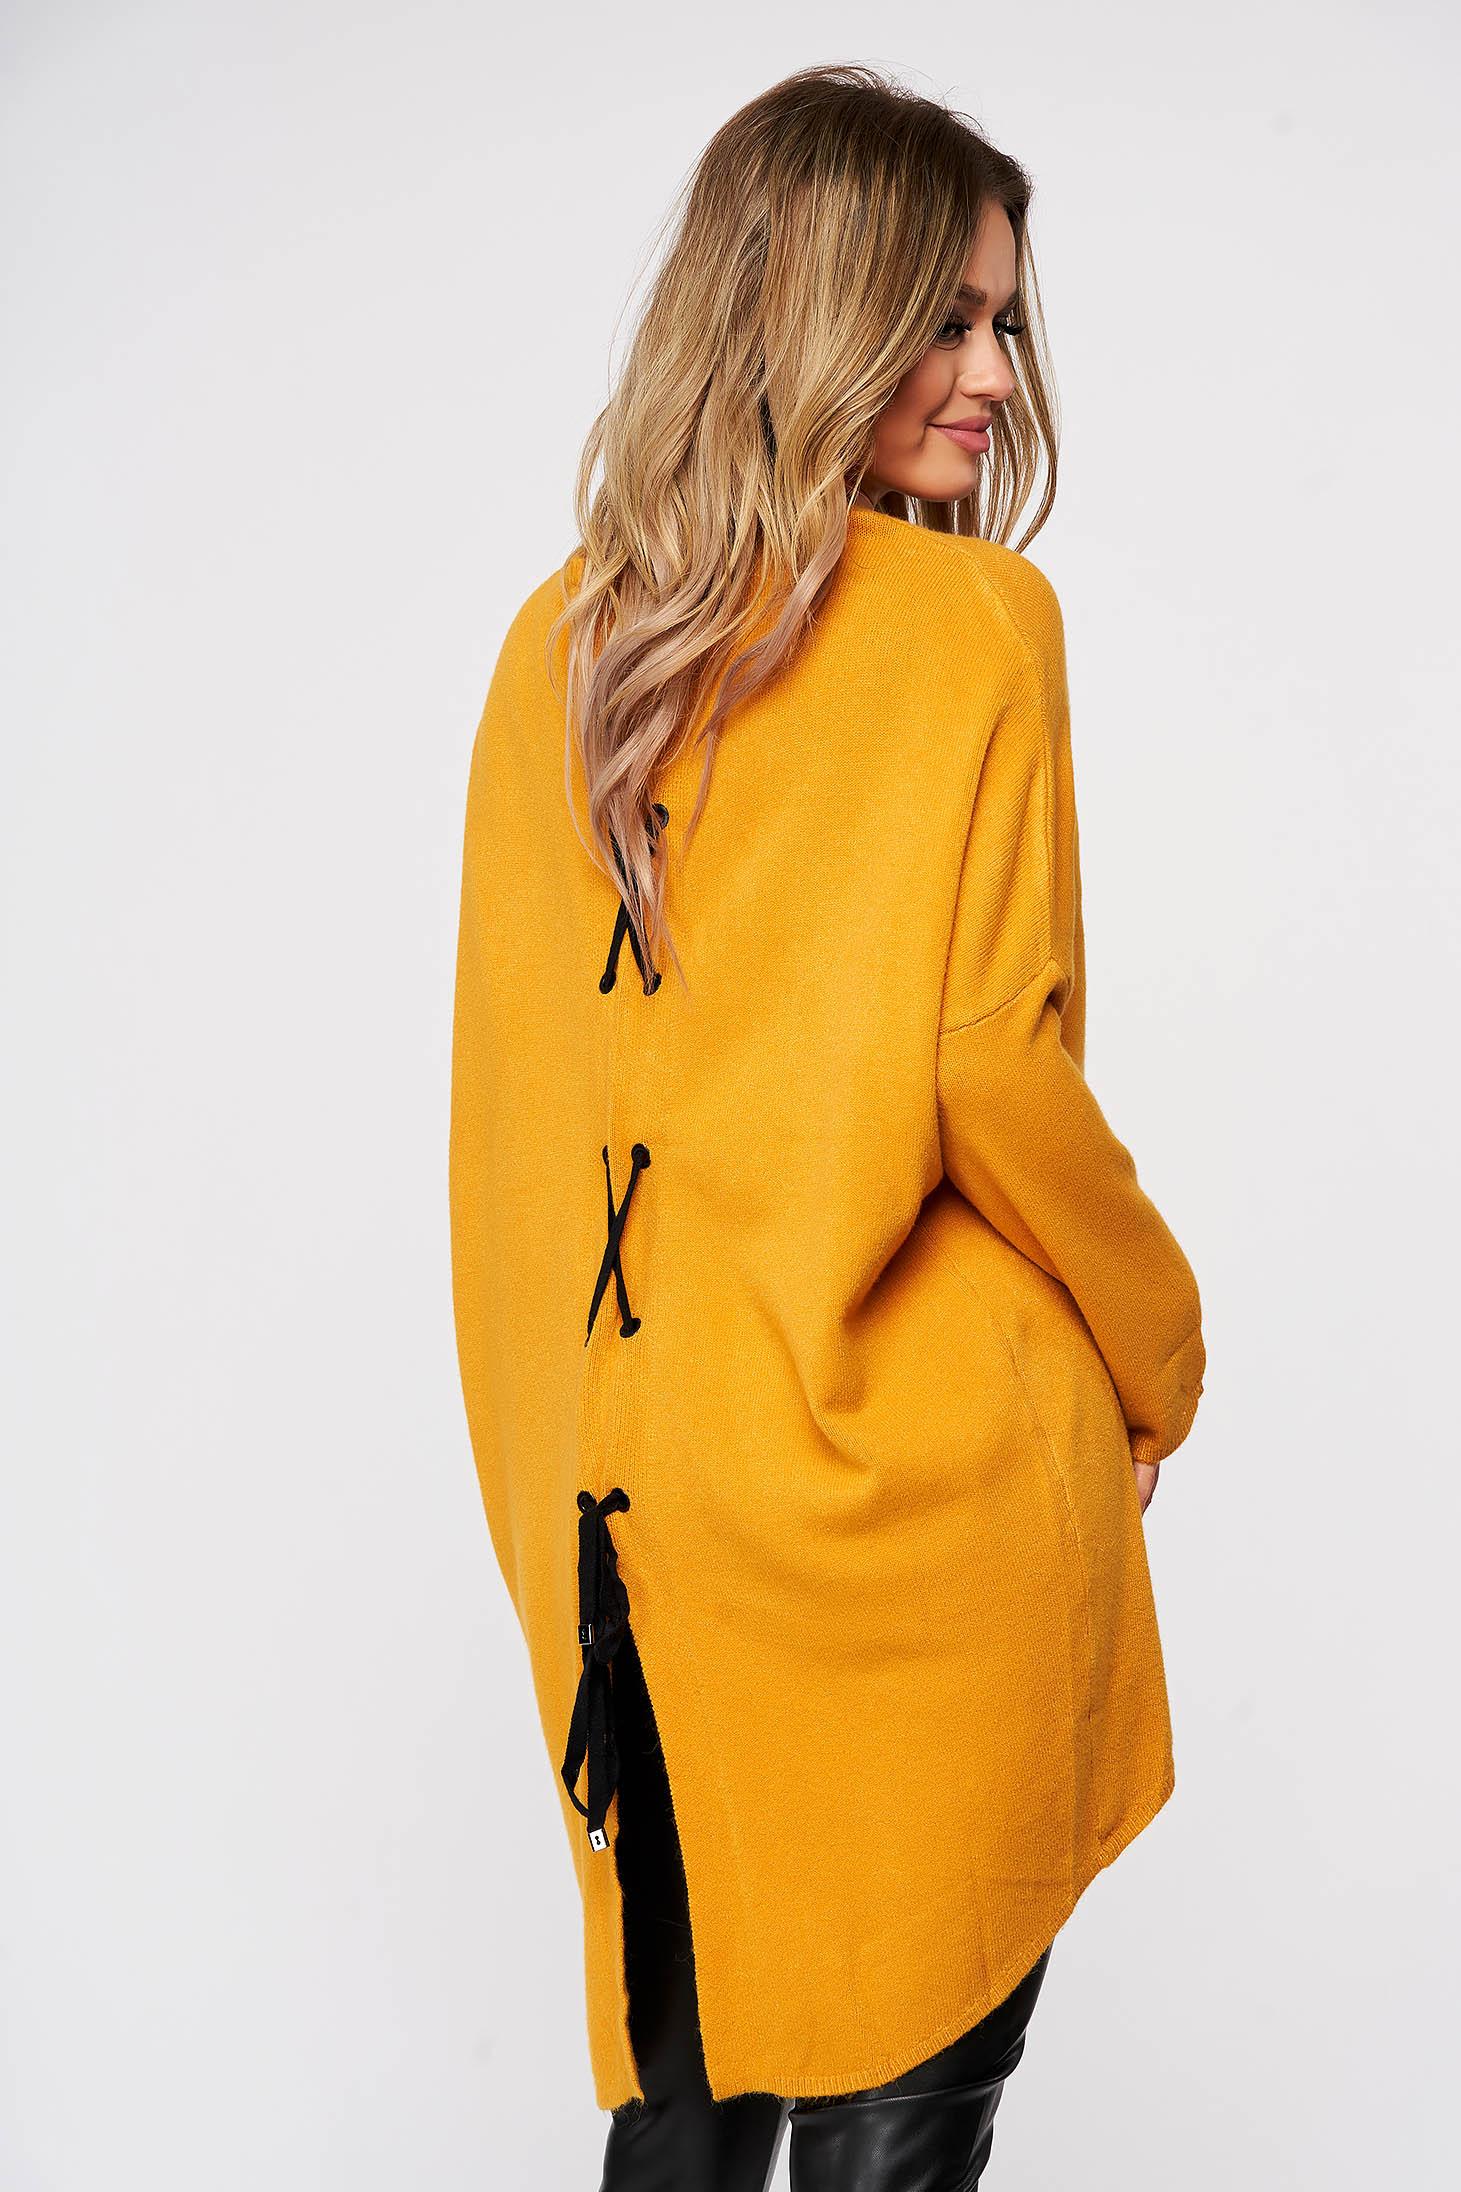 Bluza dama SunShine mustarie tricotata din material elastic si fin cu croi larg cu snur si slit la spate